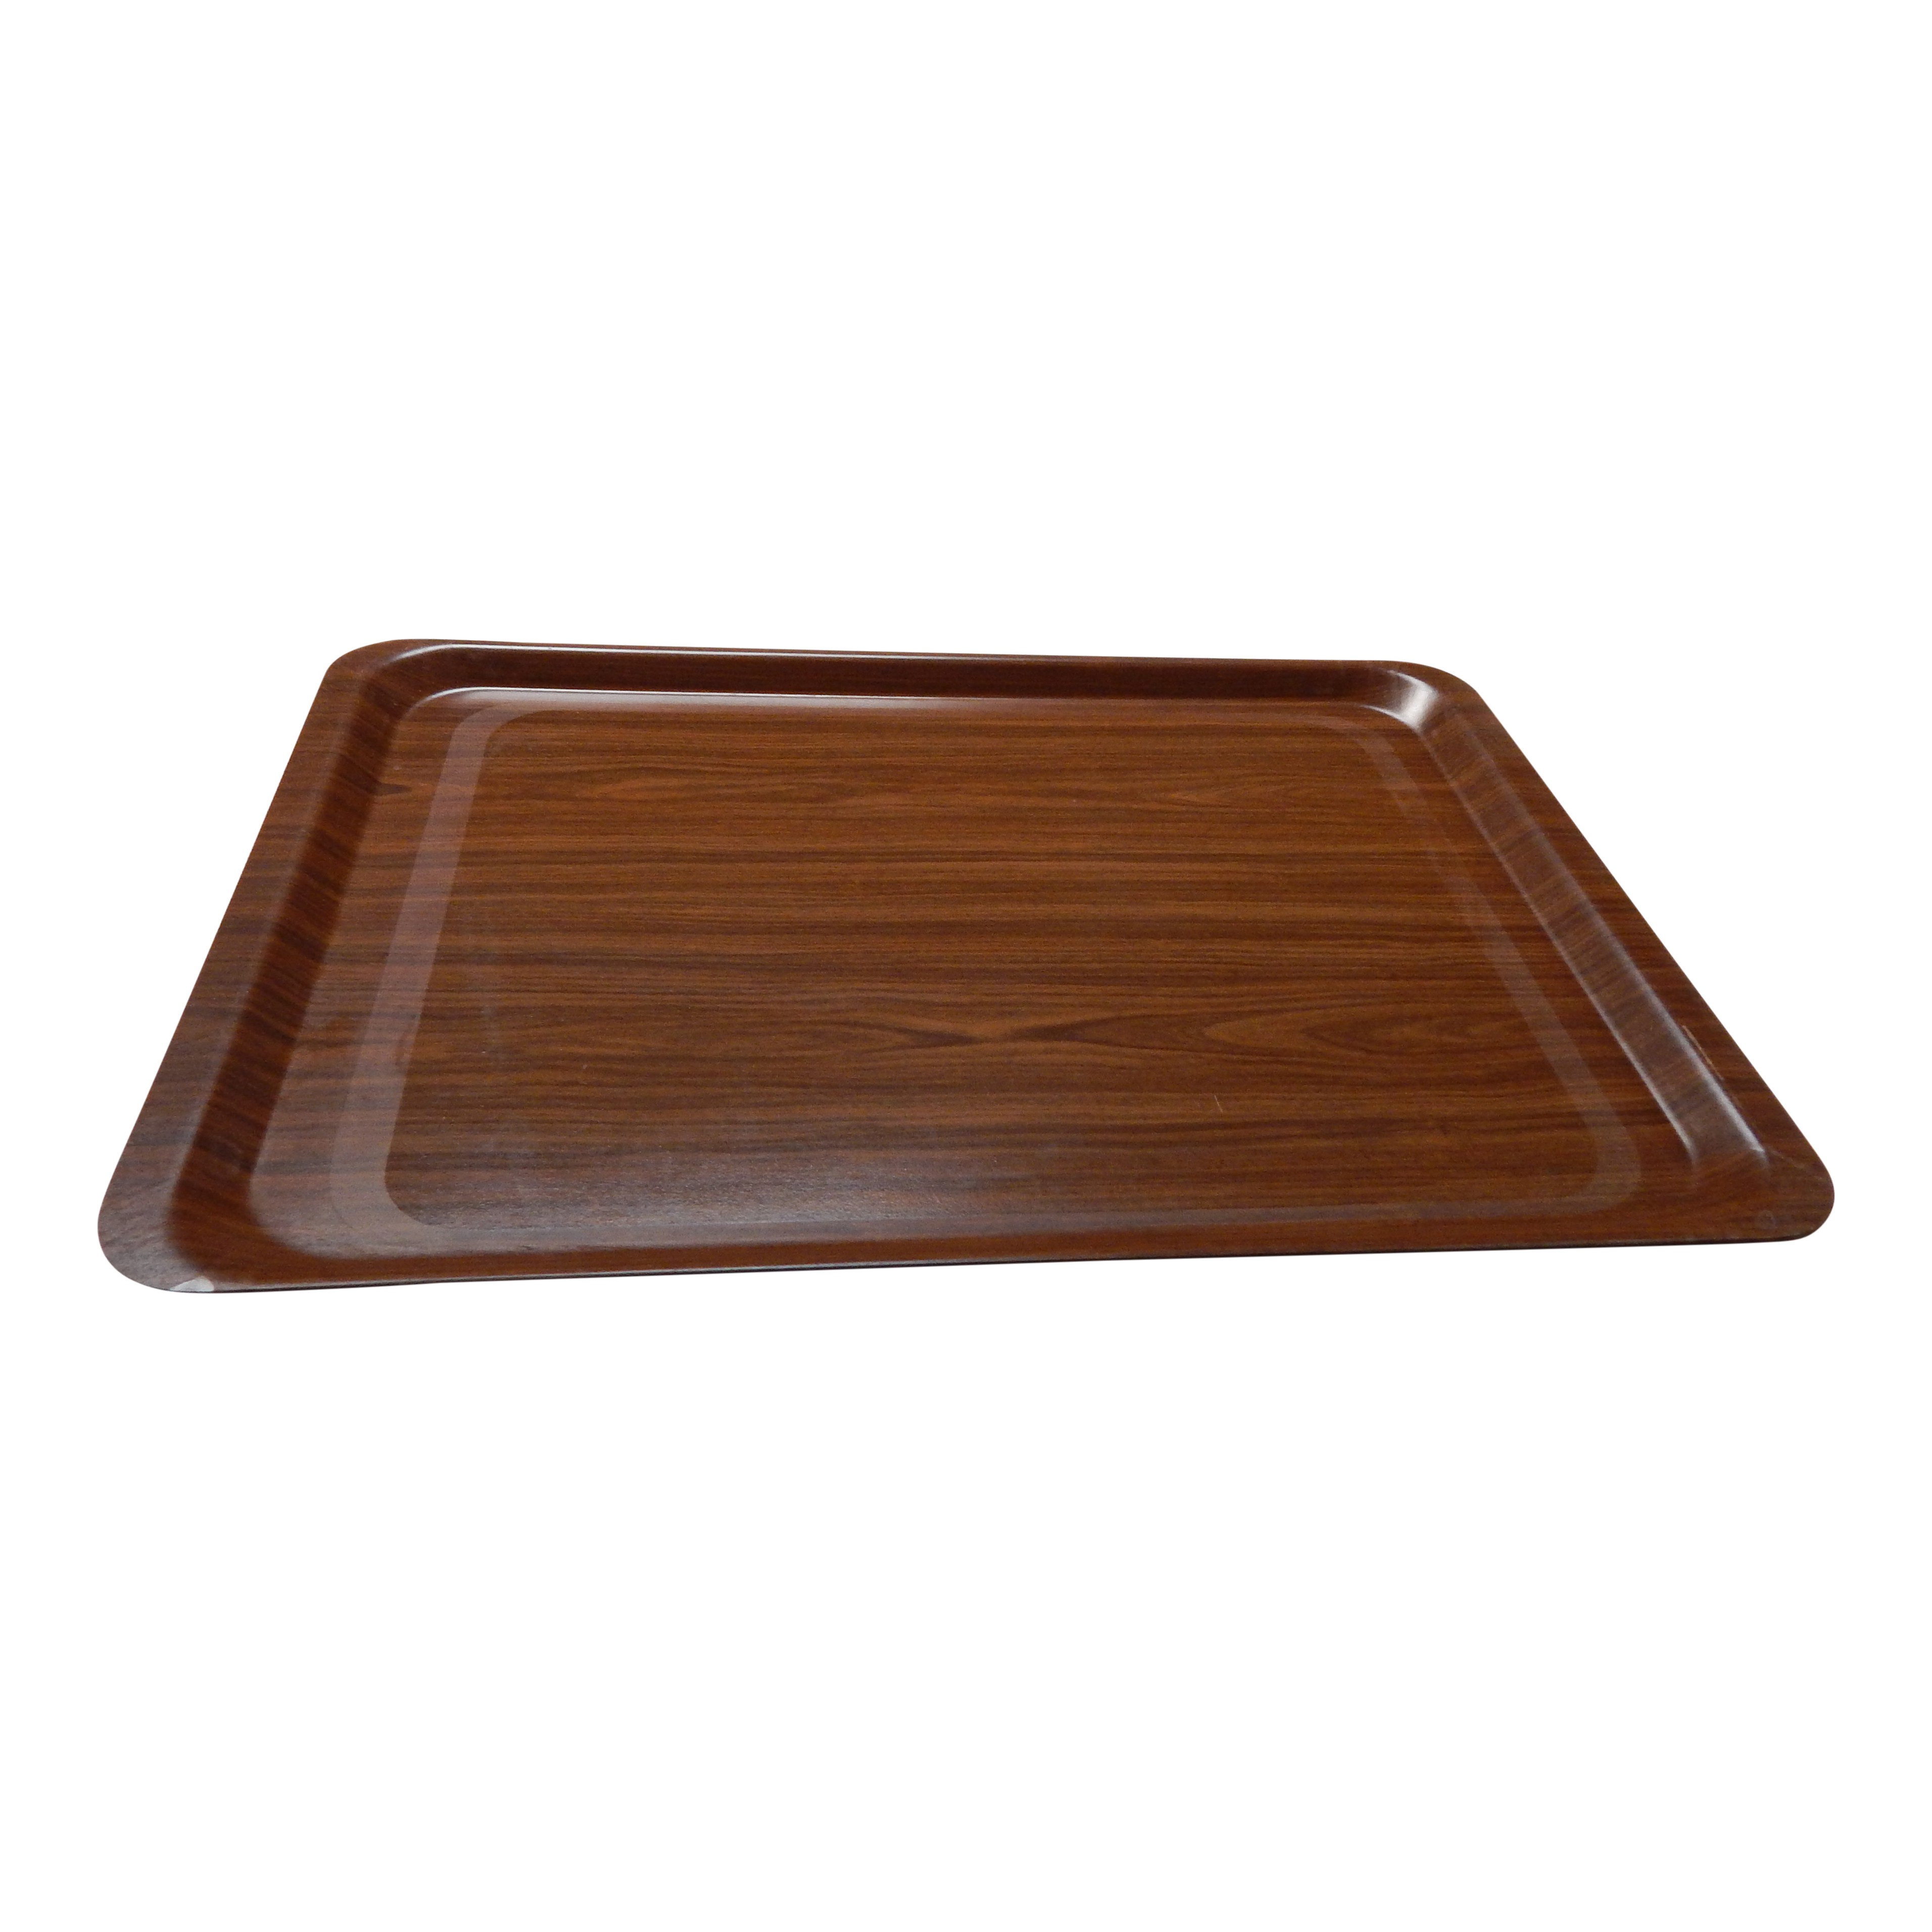 Dienblad 50x30cm houtlook